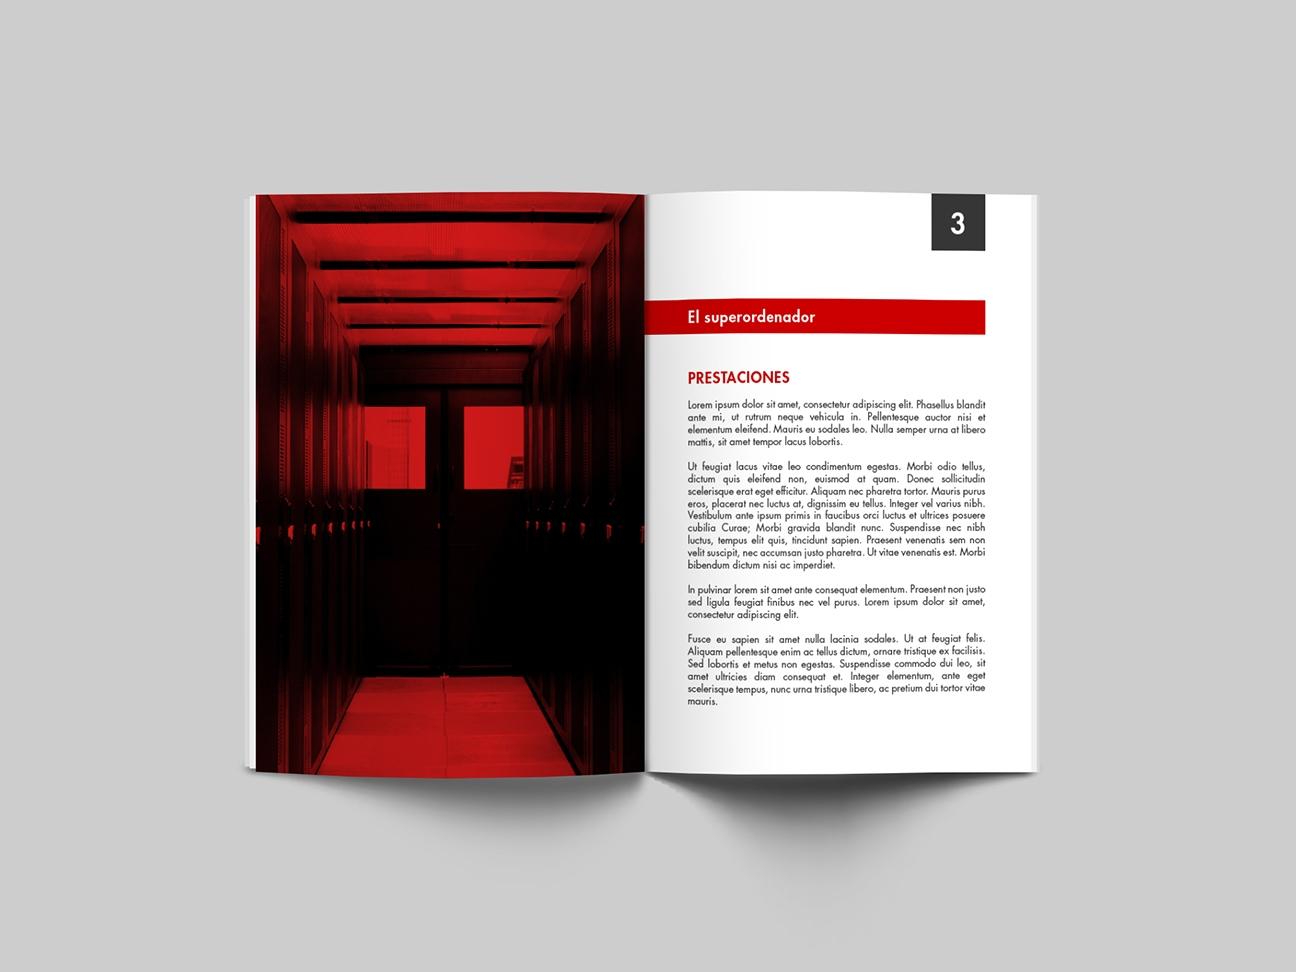 Interior del catálogo de servicios / revista del superordenador Teide HPC